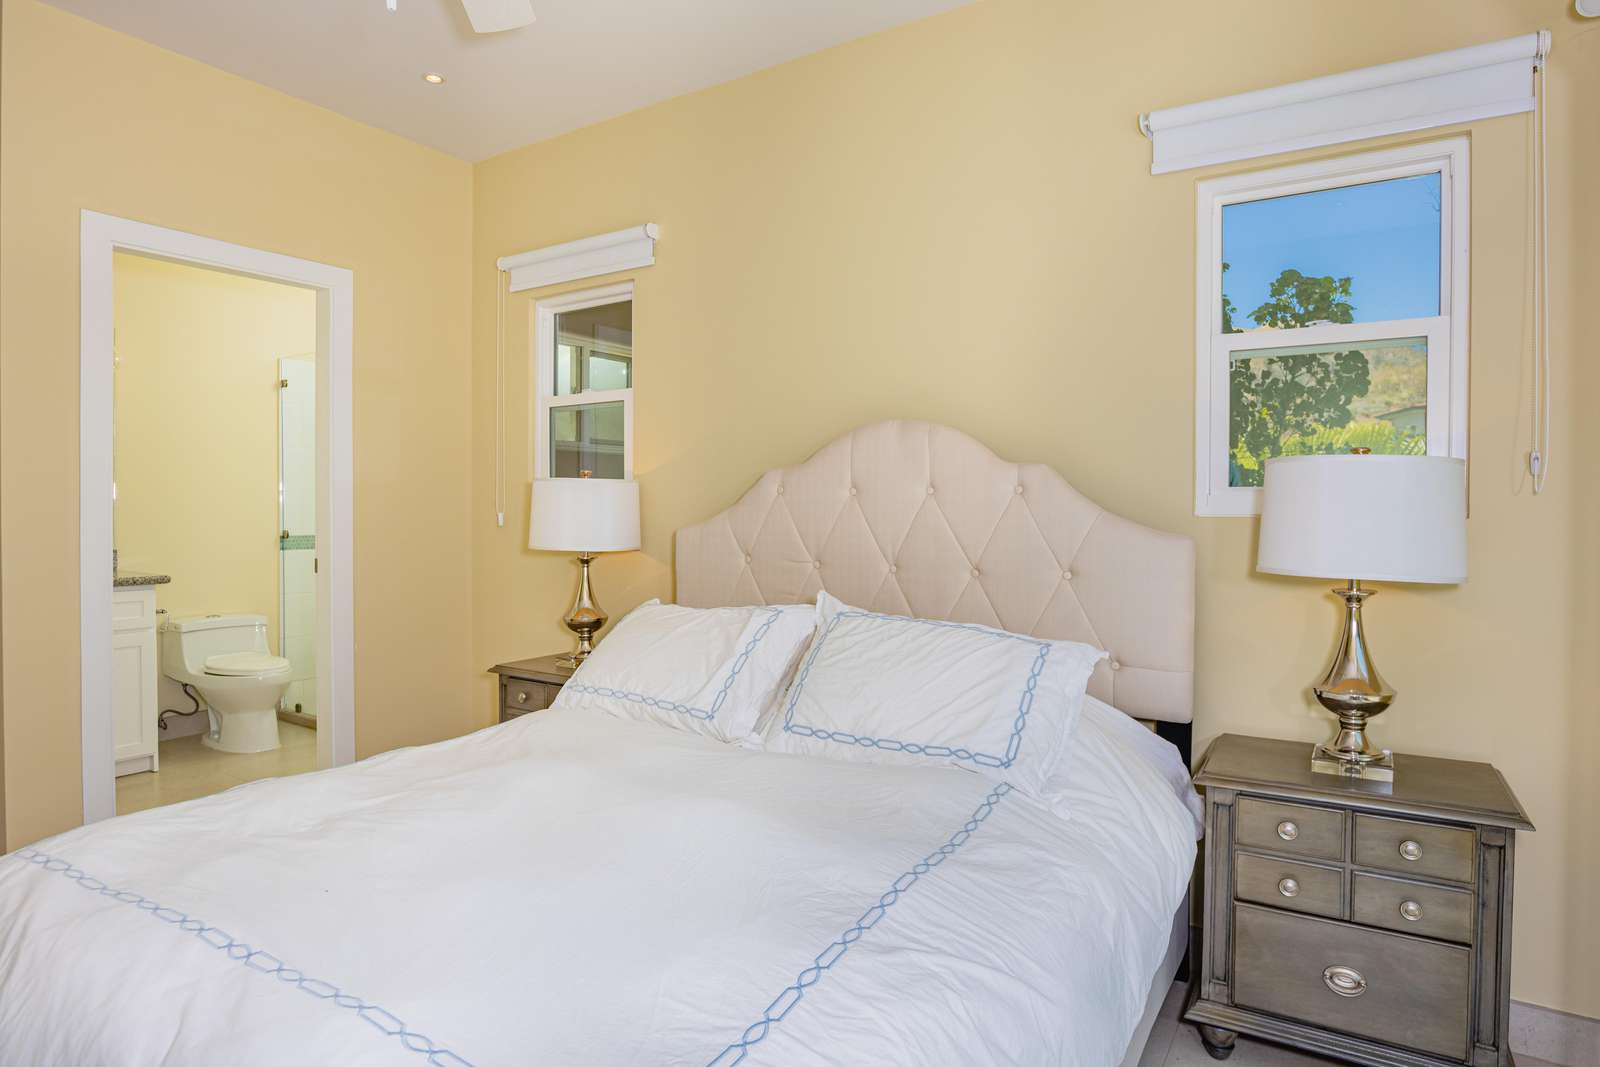 Guest Bedroom, queen bed, full bathroom